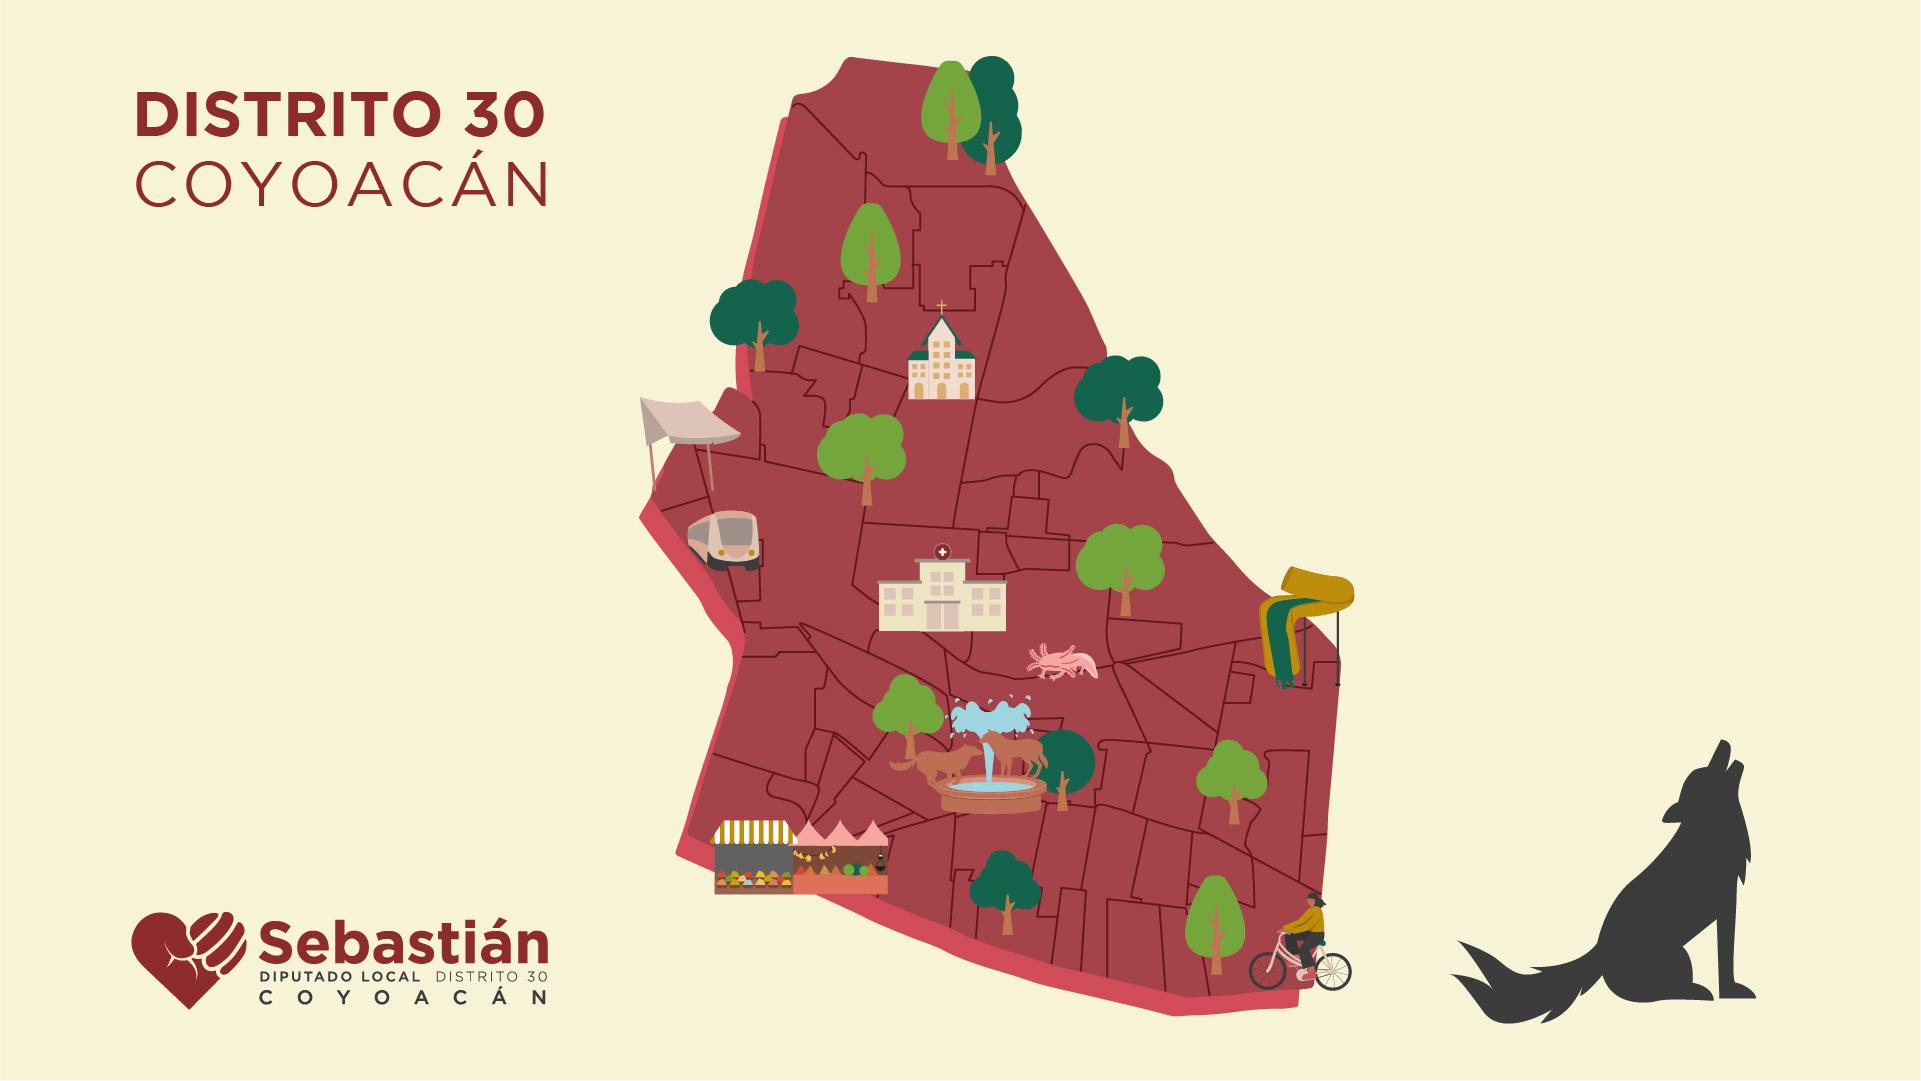 Mapa del distrito 30